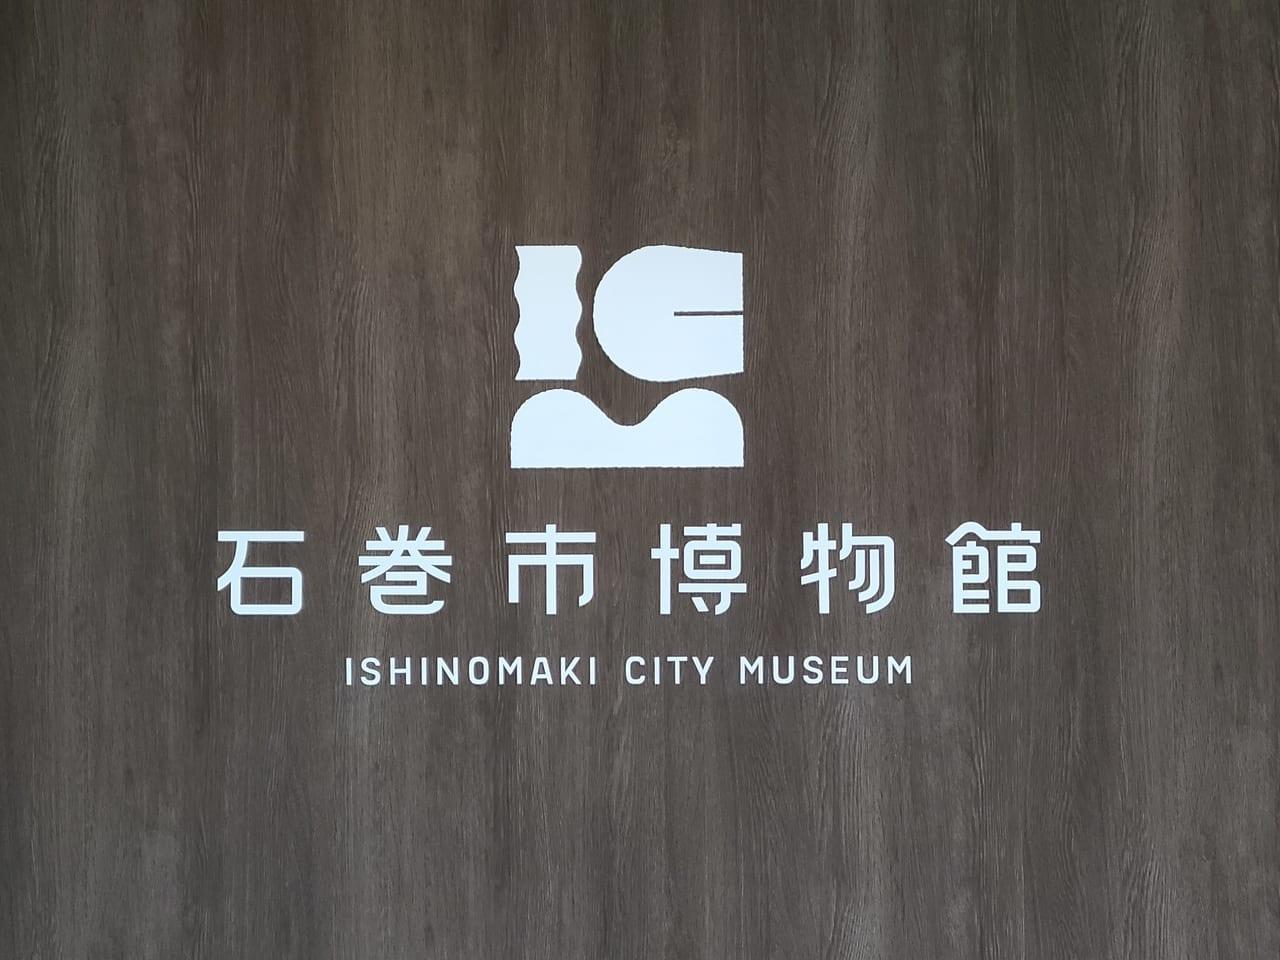 石巻市博物館